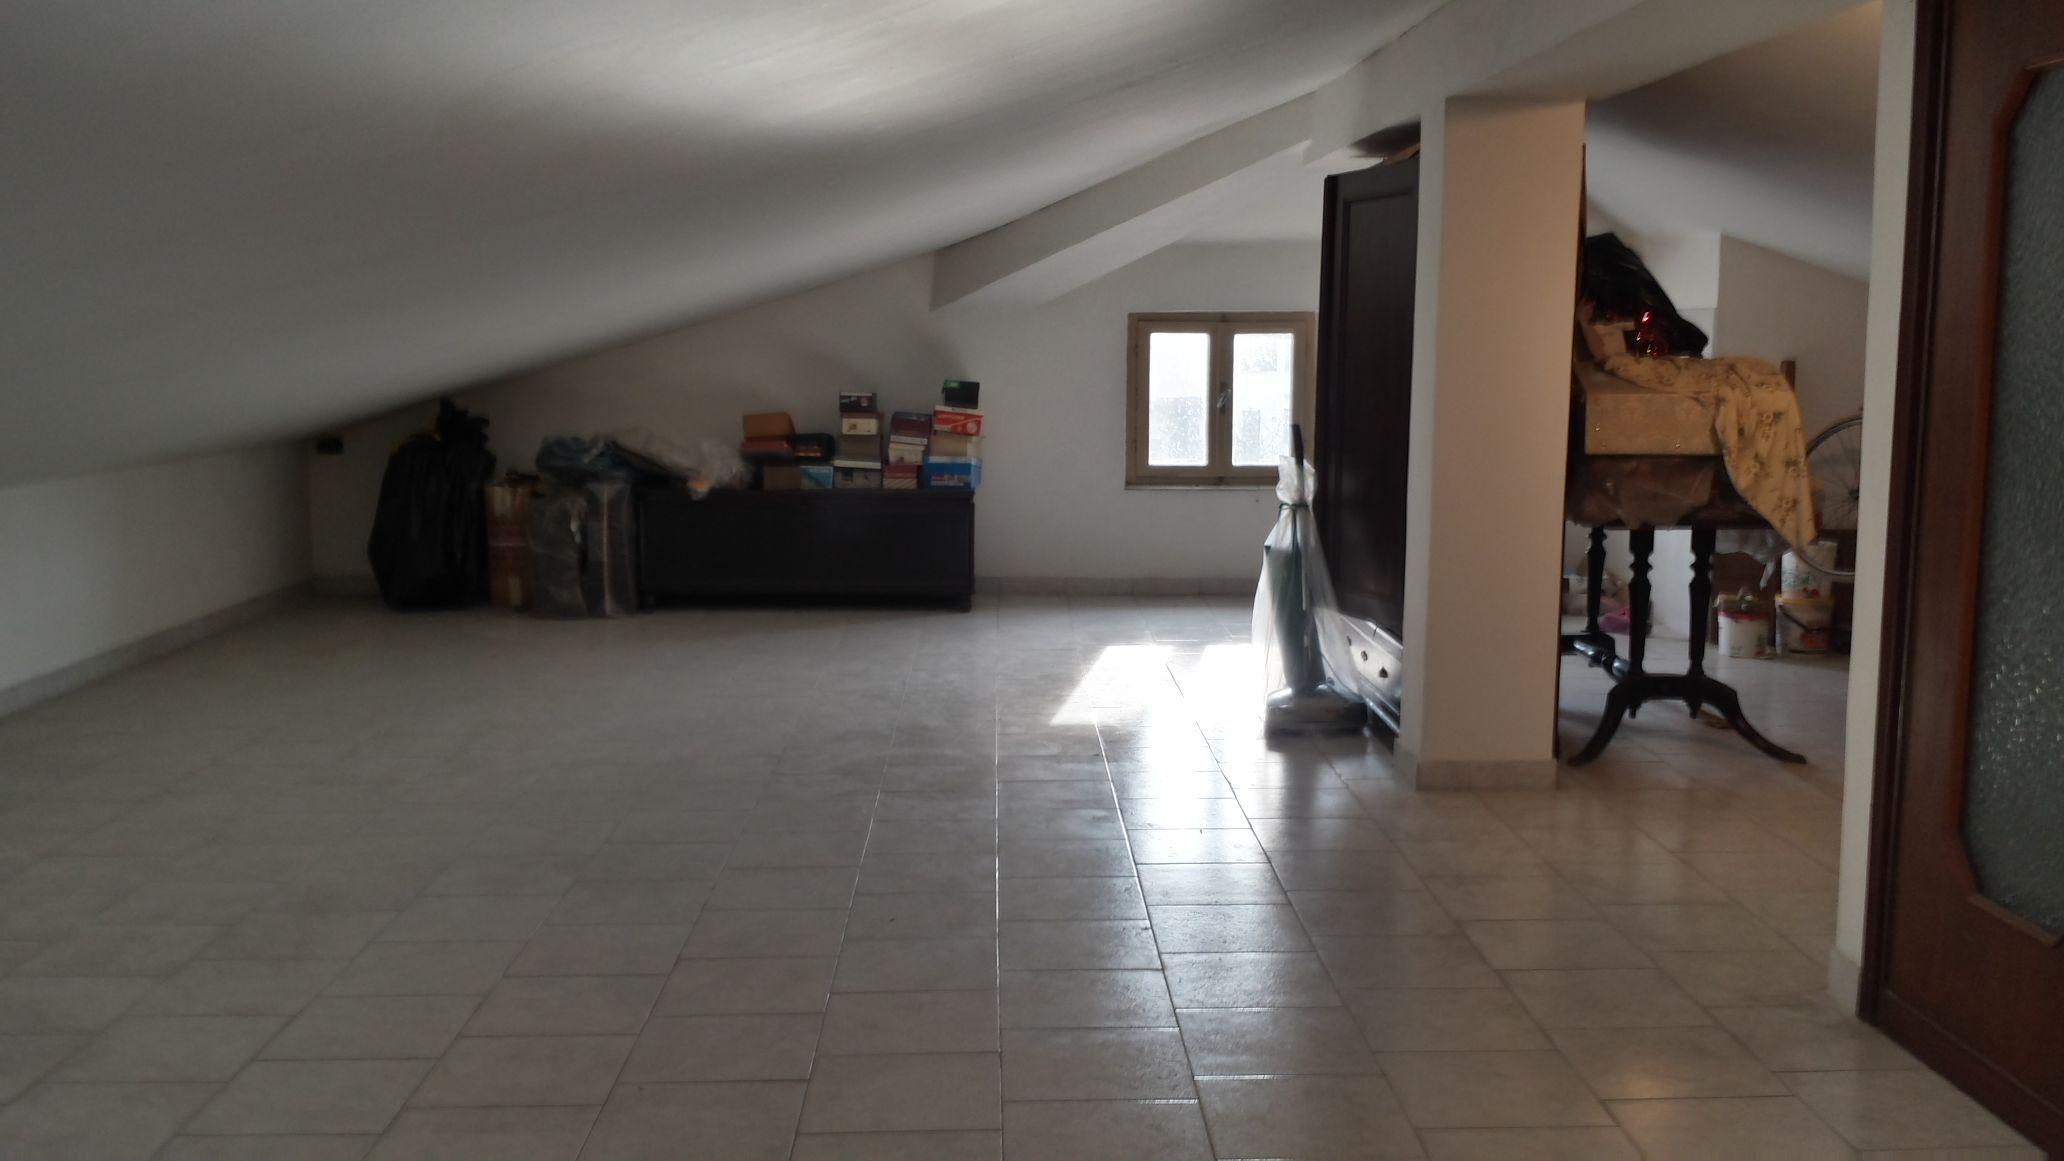 Fornaci villa singola su piano unico immobiliare for Piano casa con garage